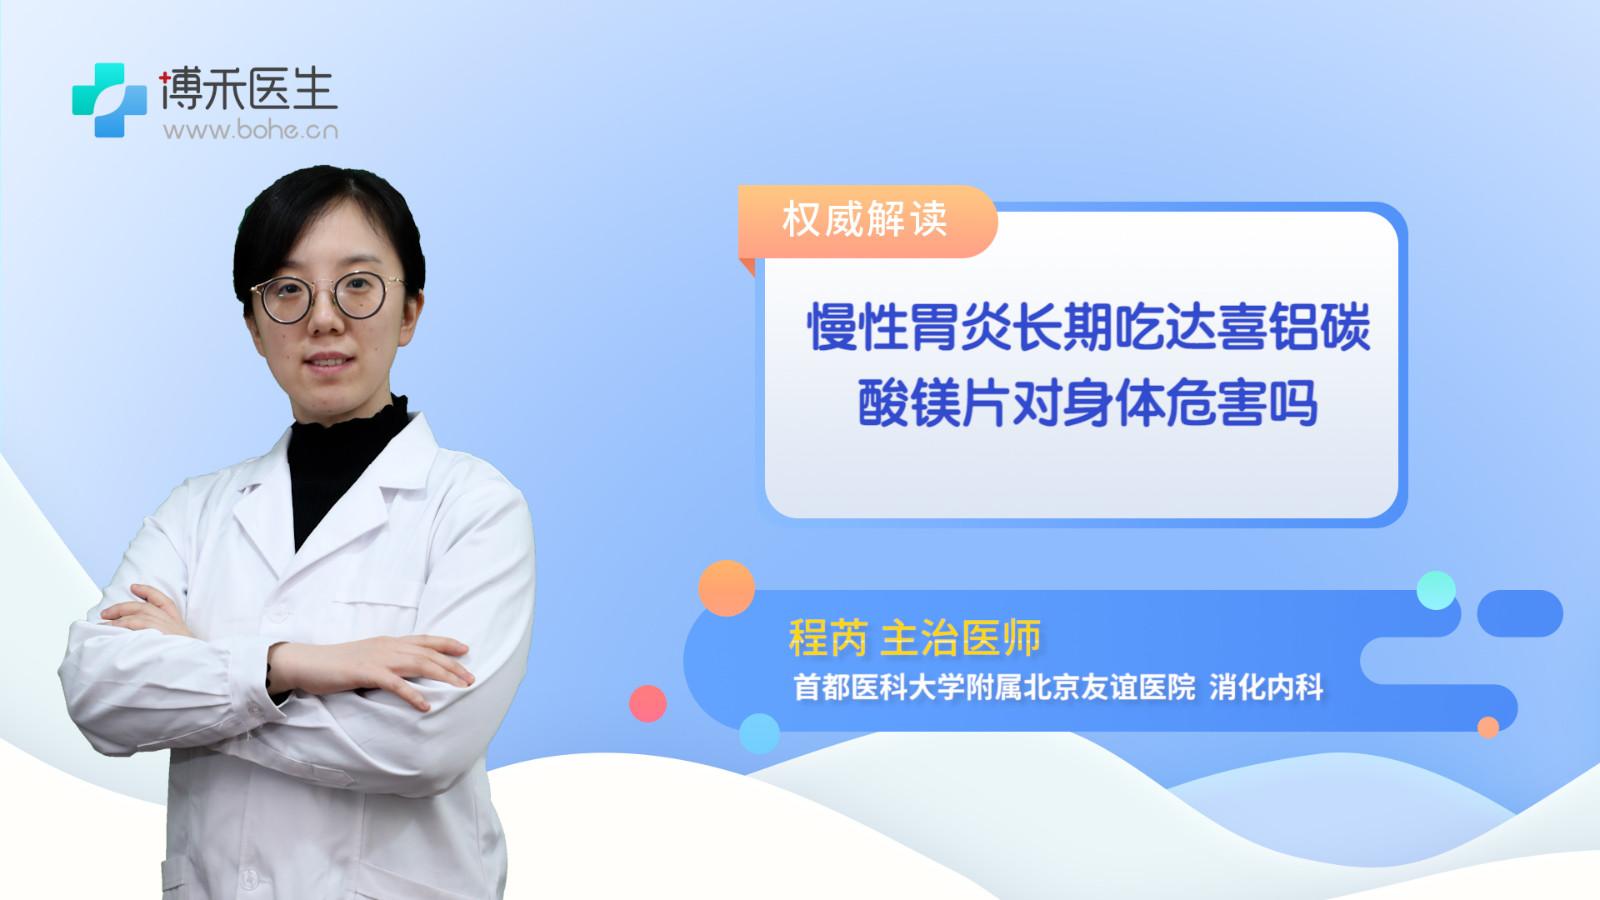 慢性胃炎長期吃達喜鋁碳酸鎂片對身體危害嗎